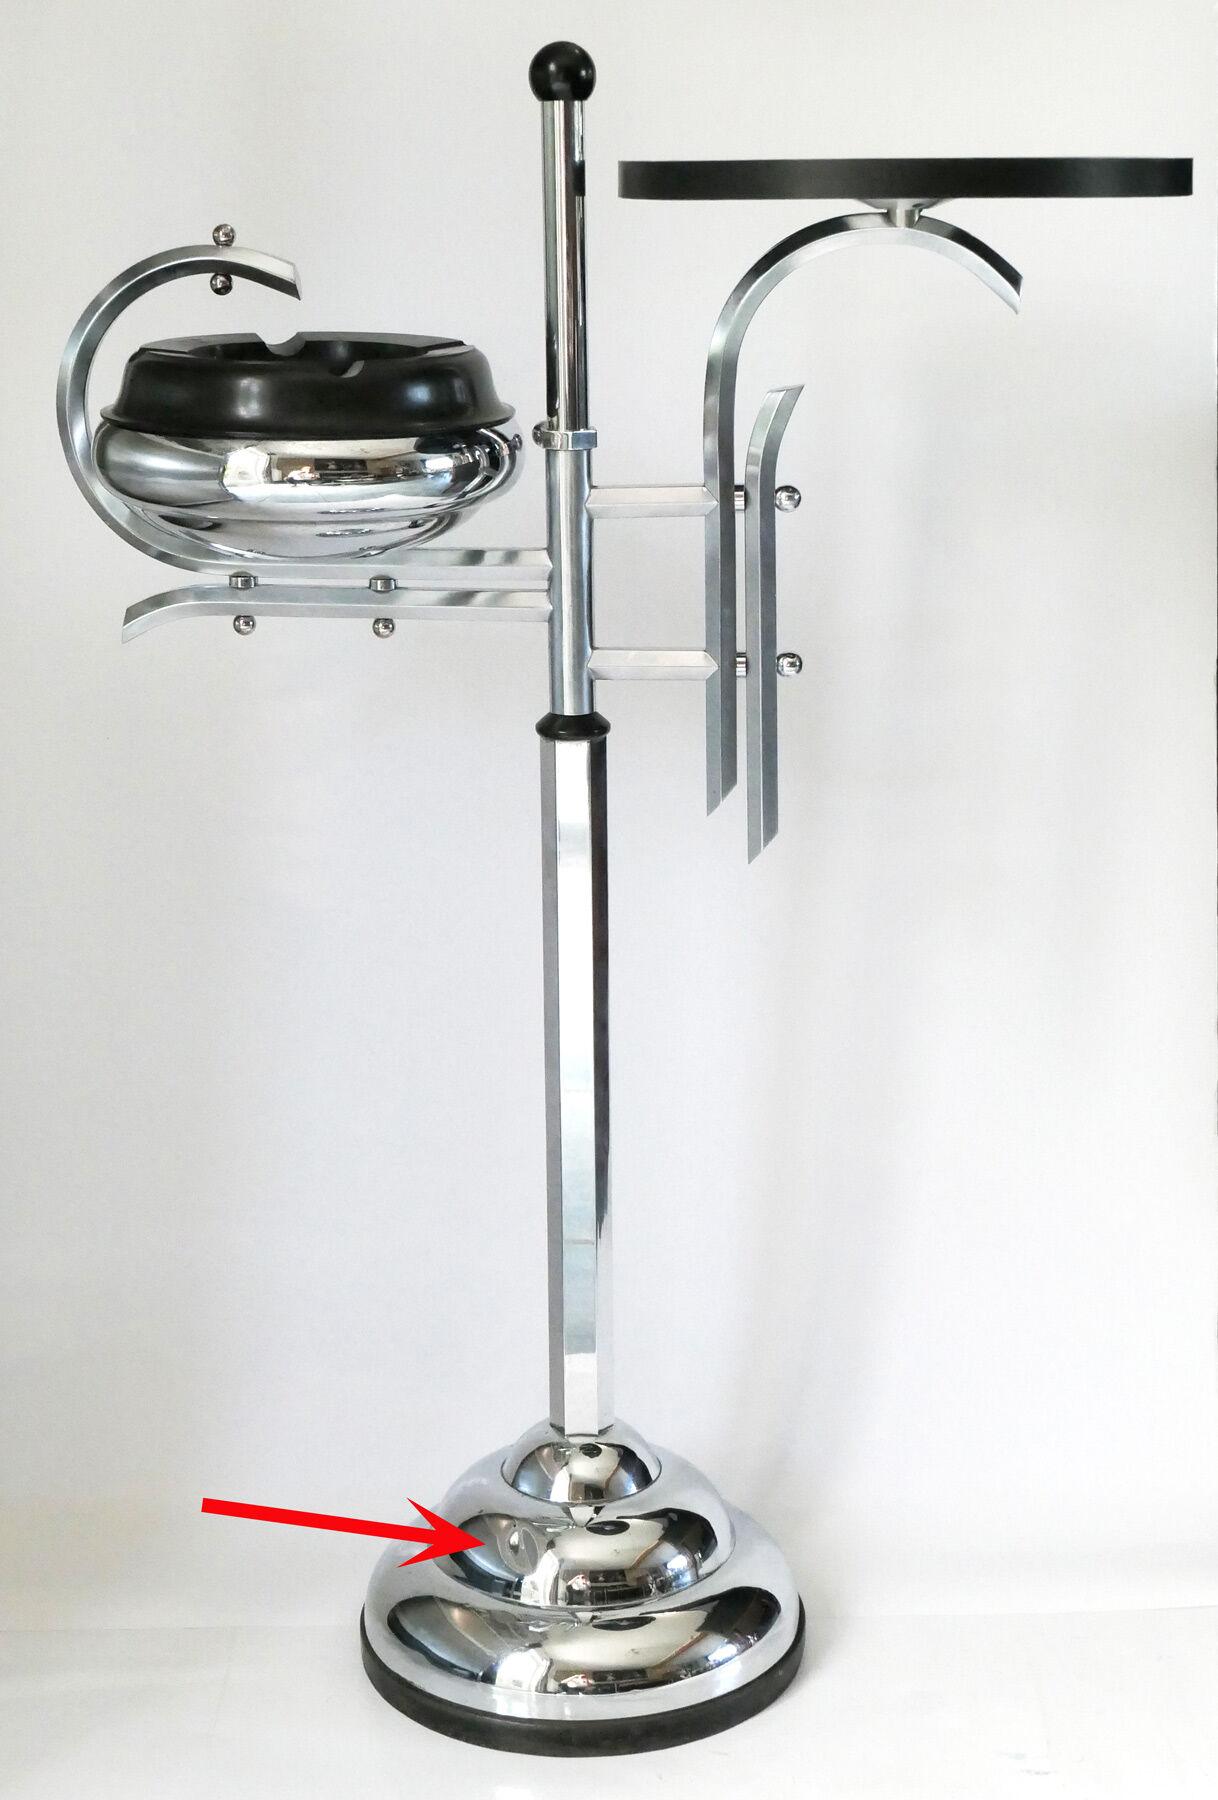 Portable R/ésistance magn/étique id/éal pour espaces compacts /à utiliser assis sur canap/é ou fauteu NOUVEAU Mini v/élo dexercice Qualit/é Premium Restauration bras et jambes dusage facile FitQuick